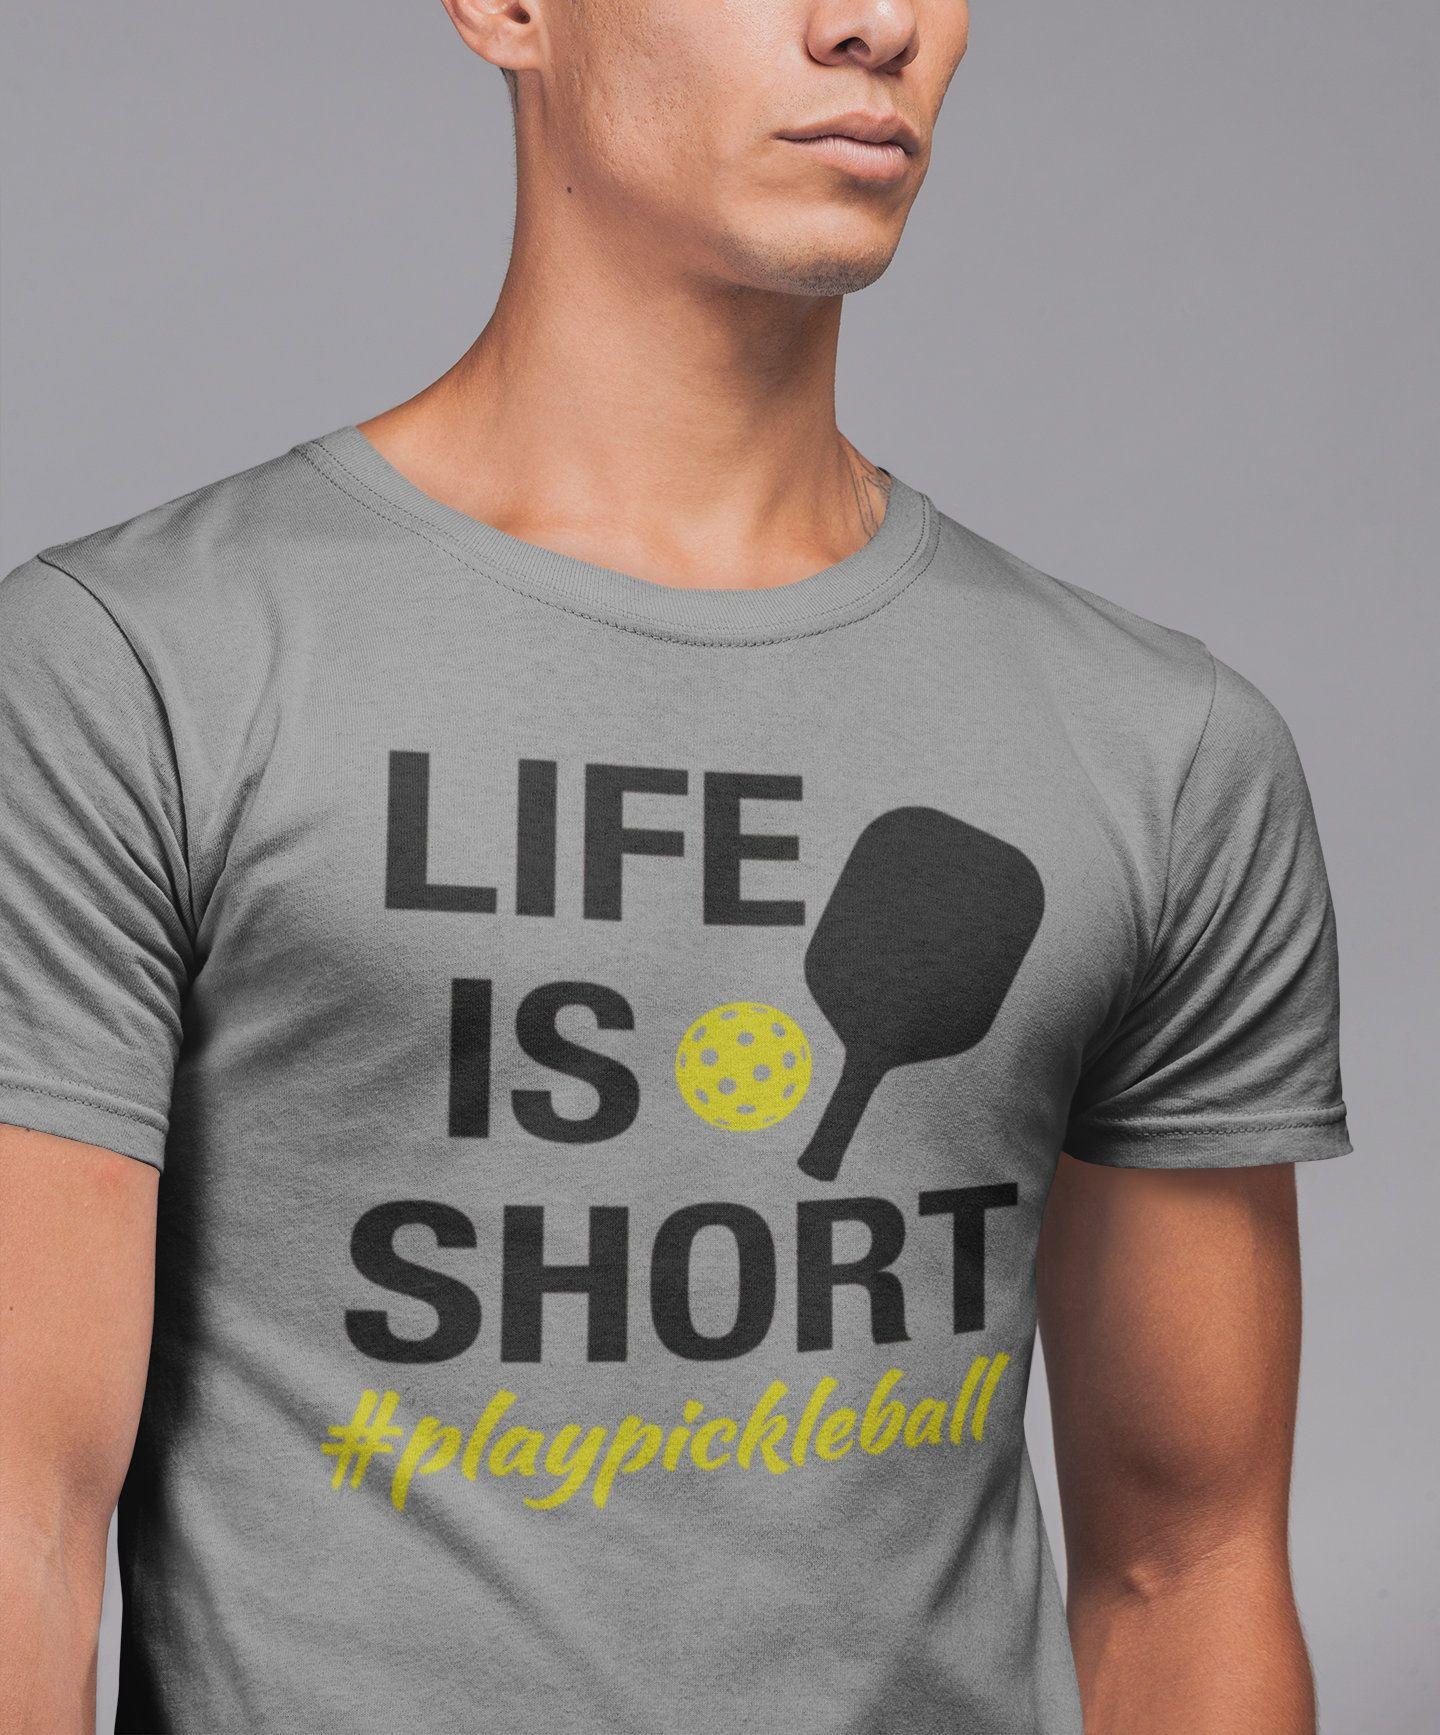 Life is Short playpickleball tshirt, Pickle ball tshirt